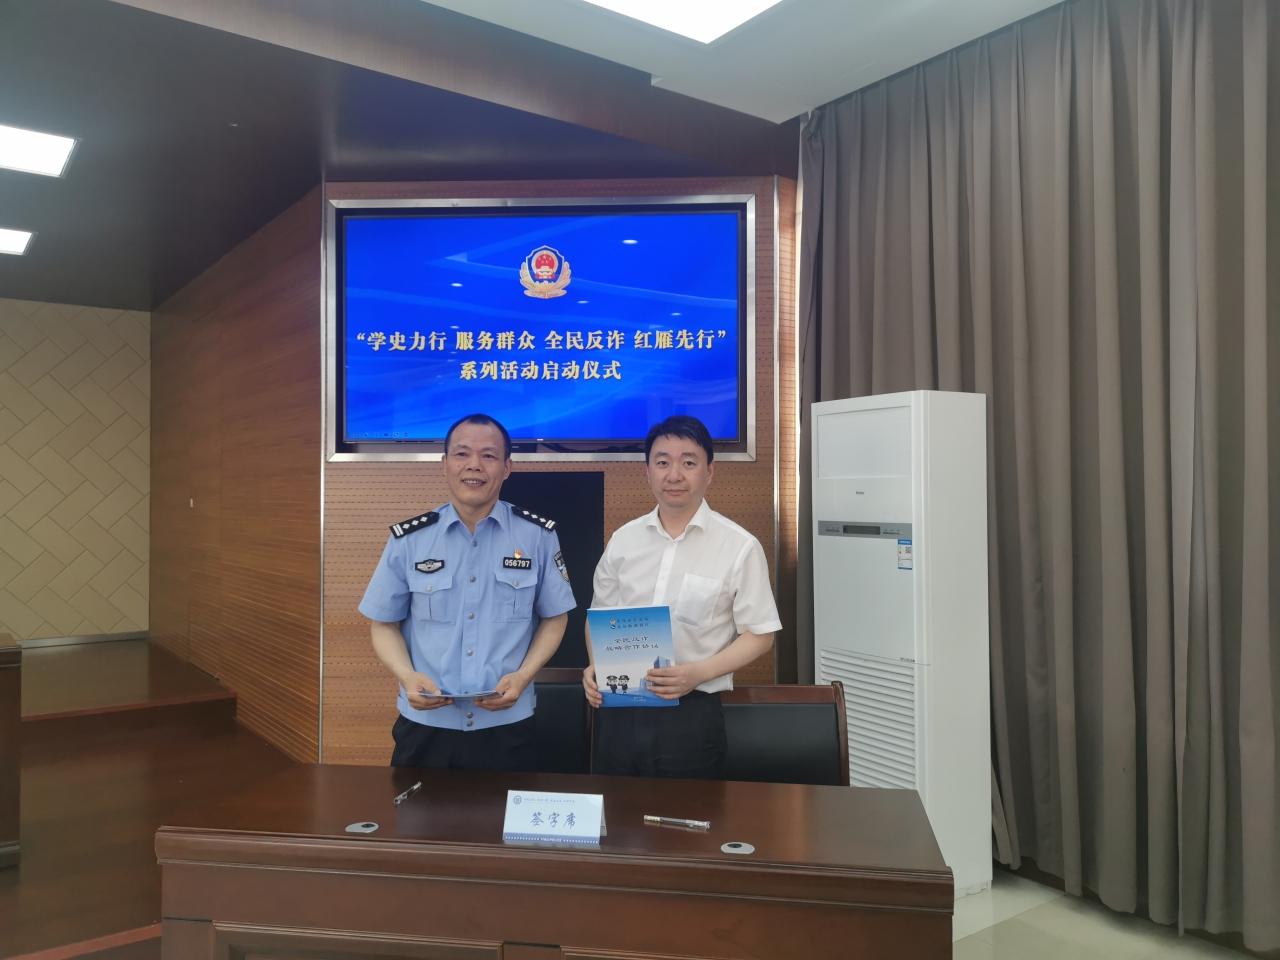 义乌农商银行:警银联动聚合力 跨界反诈谋新篇